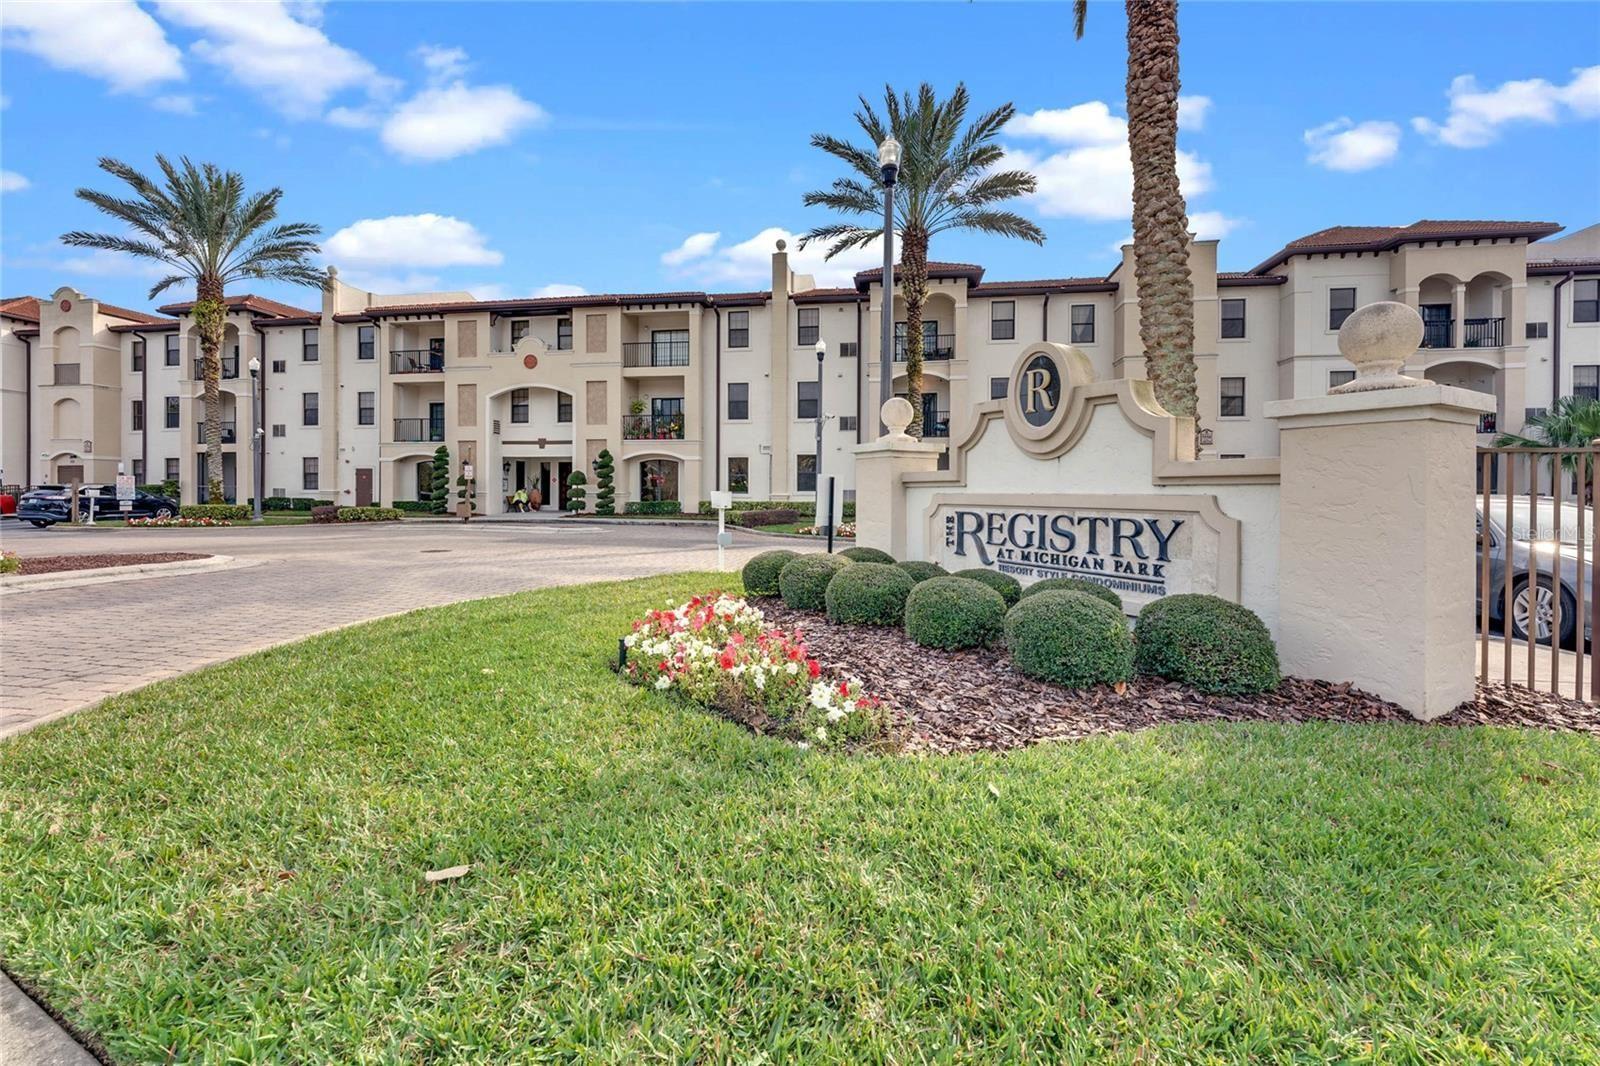 5550 E MICHIGAN STREET E #2228, Orlando, FL 32822 - #: O5957004